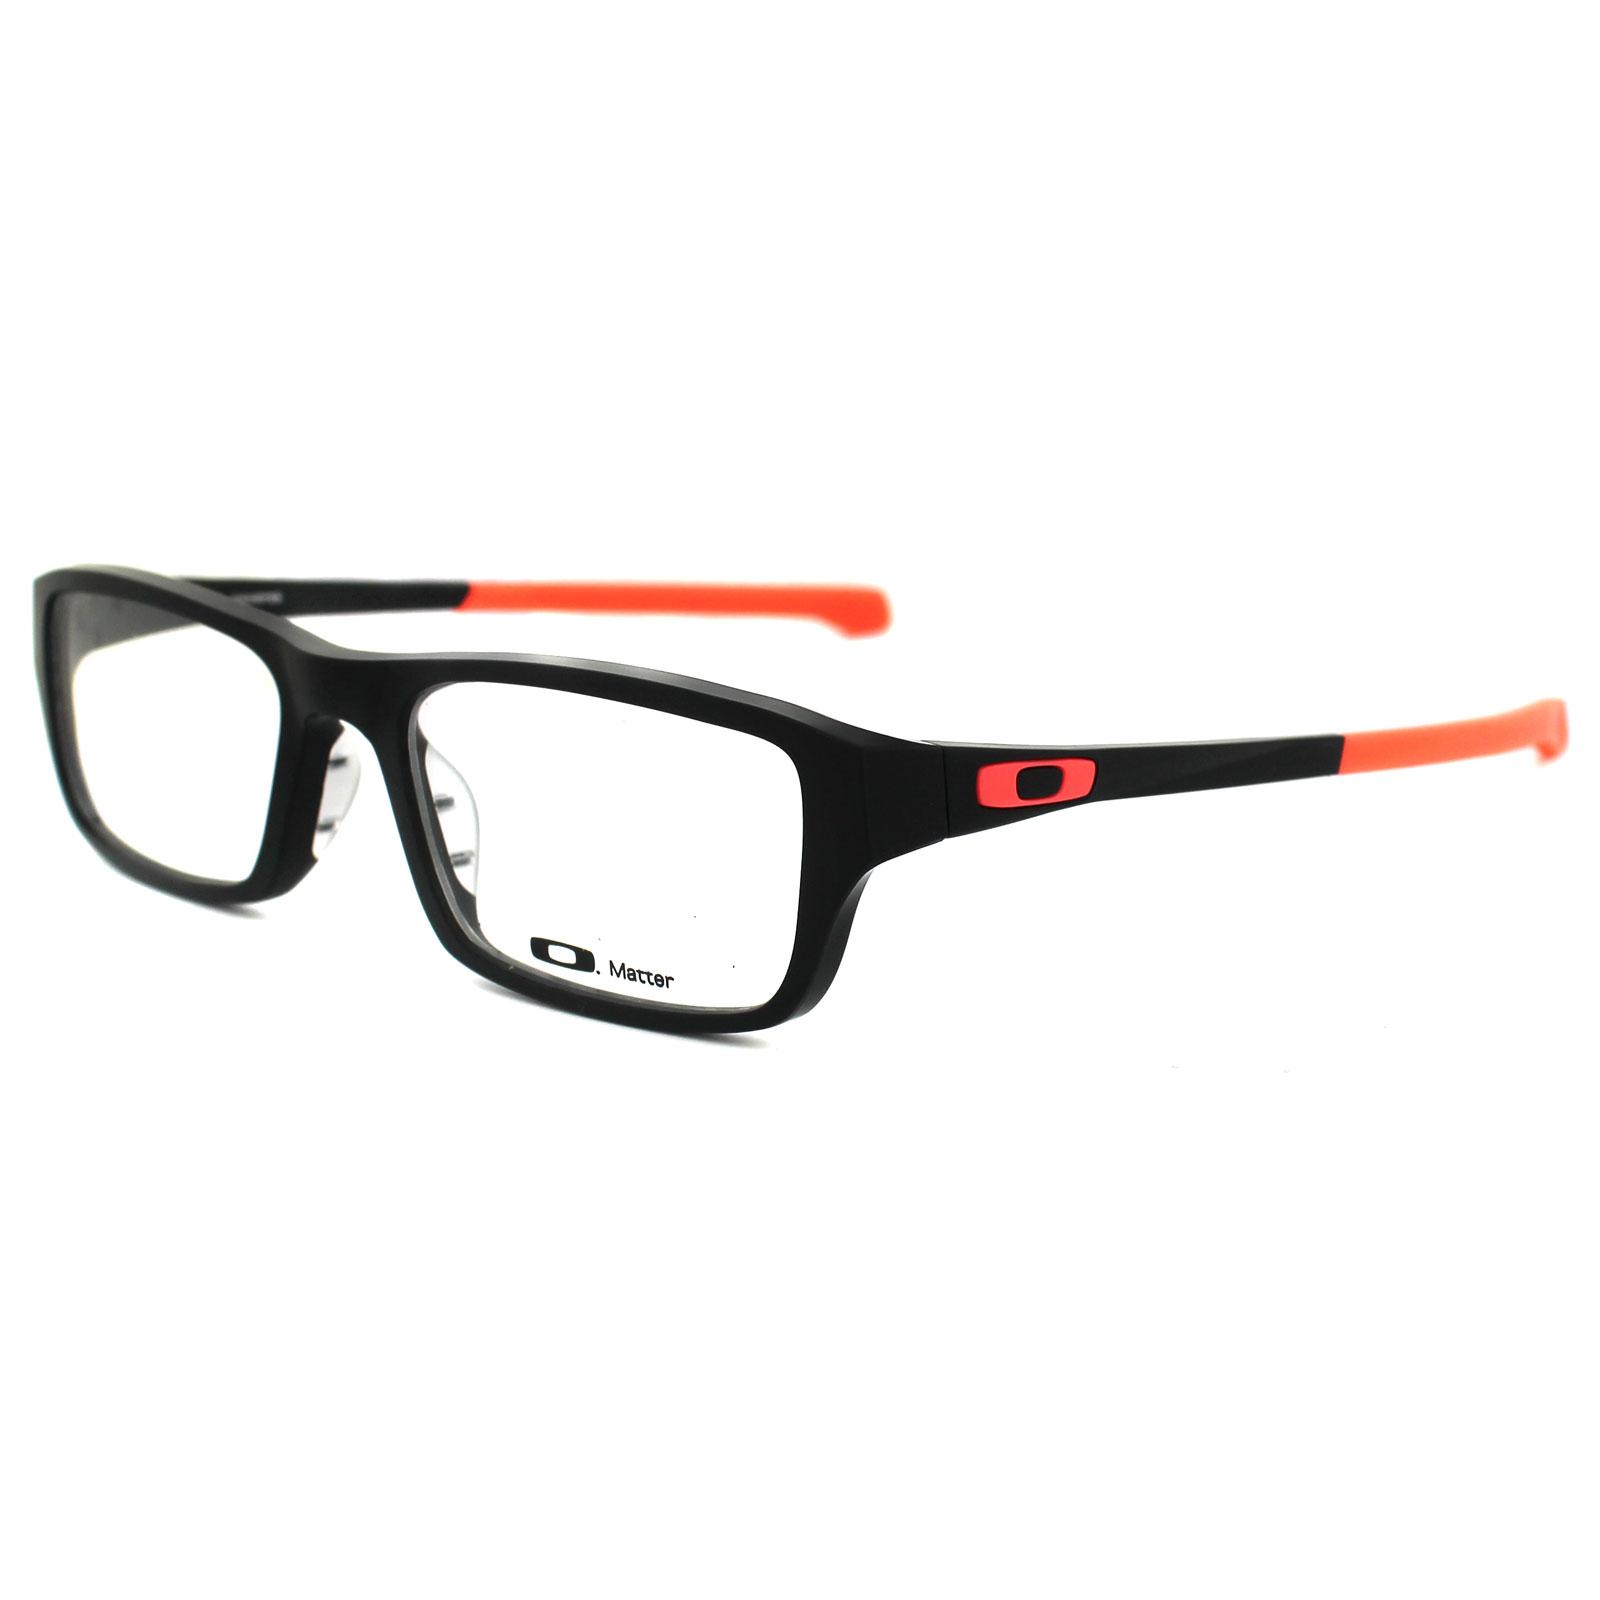 Oakley Red Frame Glasses : Oakley Glasses Frames Chamfer 8039 OX8039-07 Matt Black ...